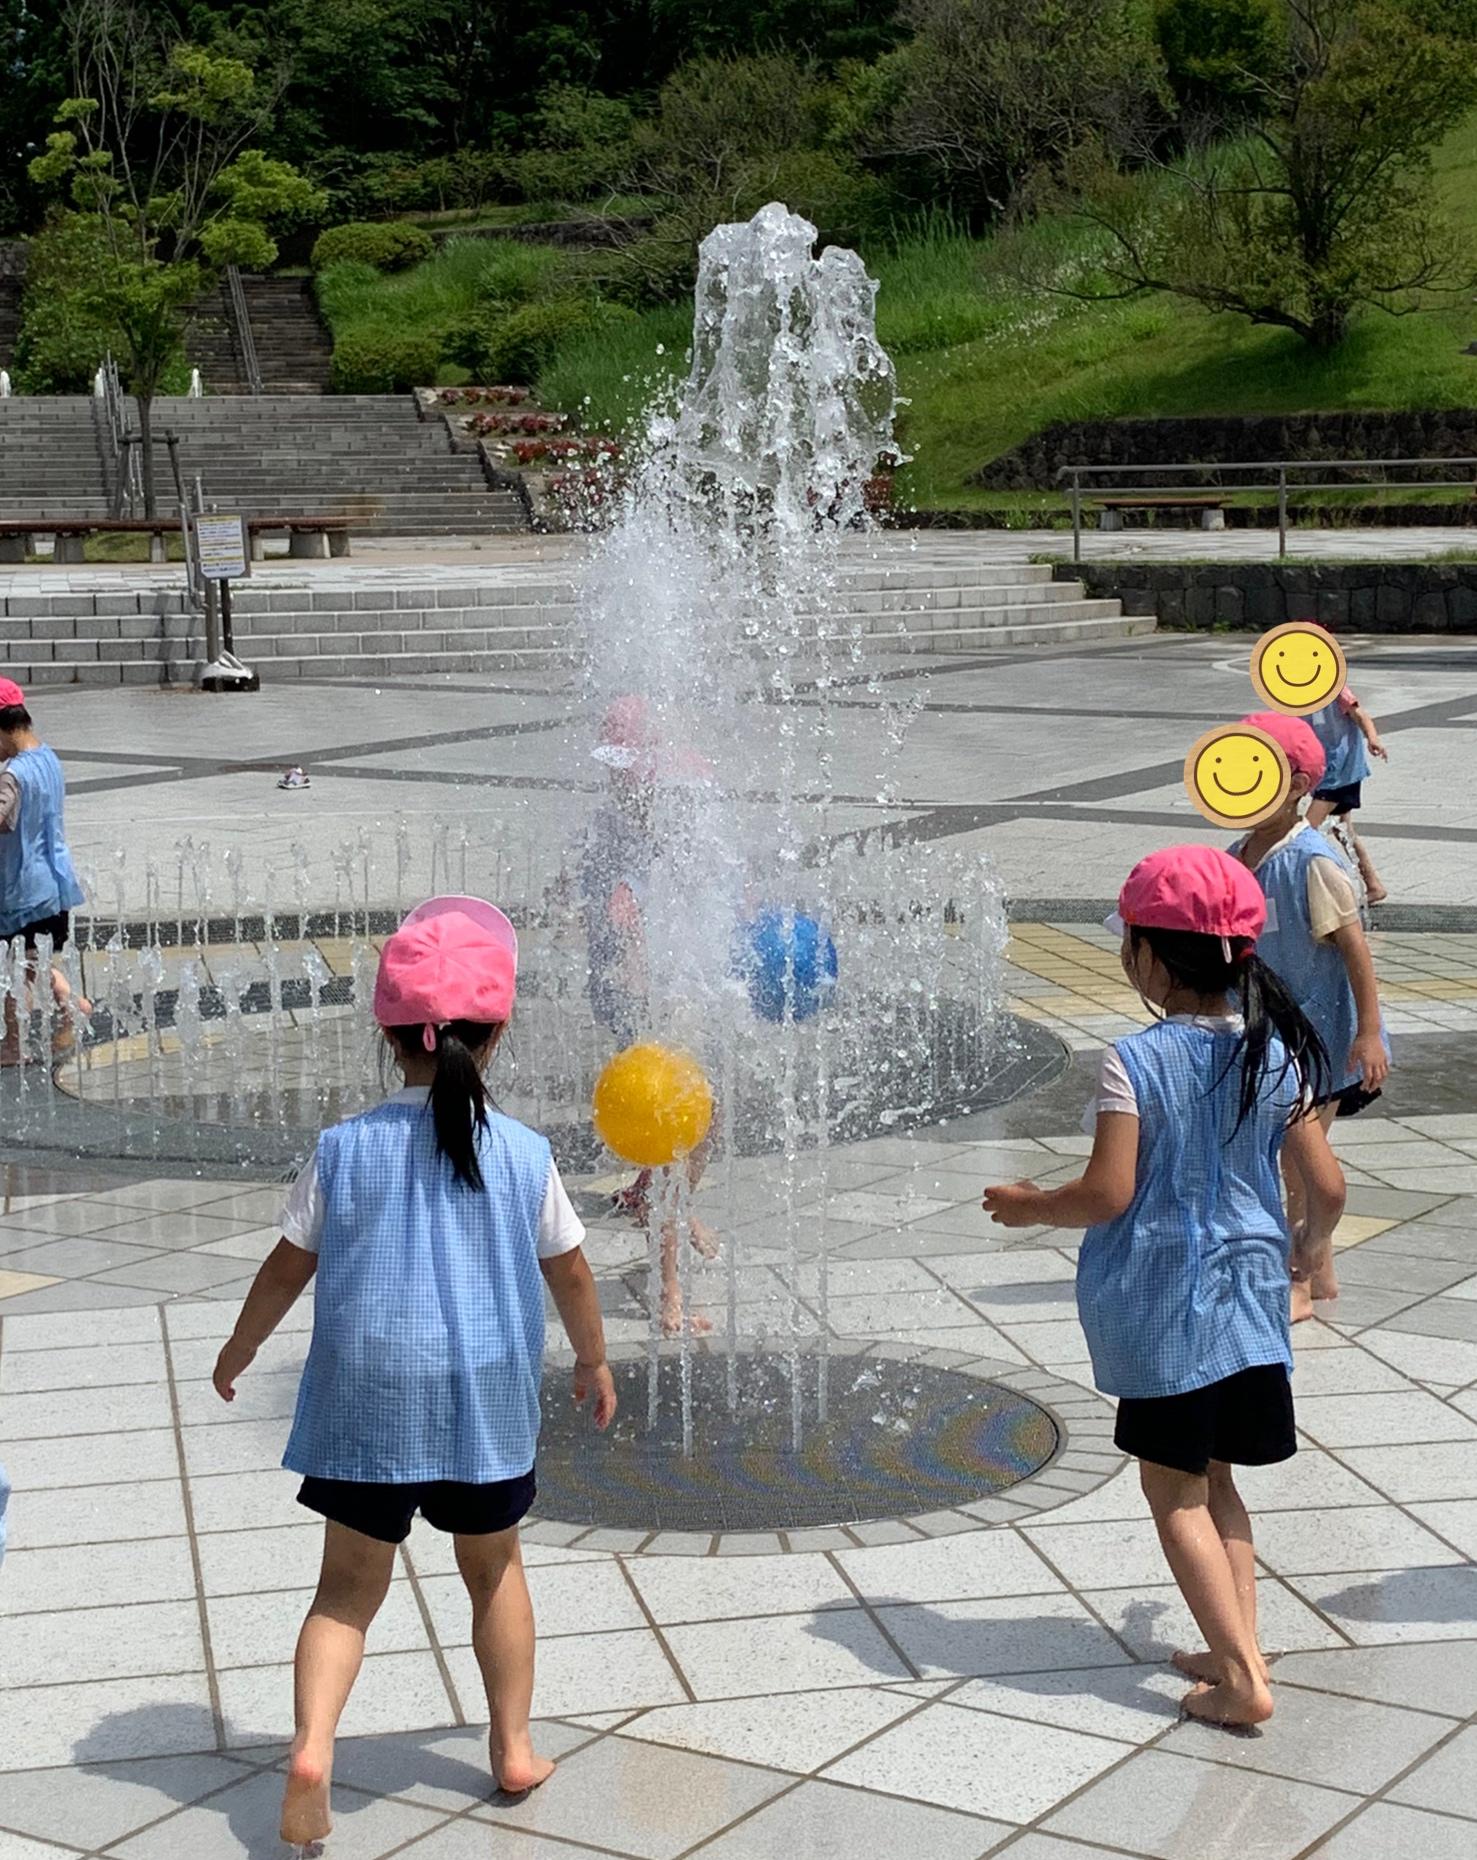 噴水遊びin小泉潟公園